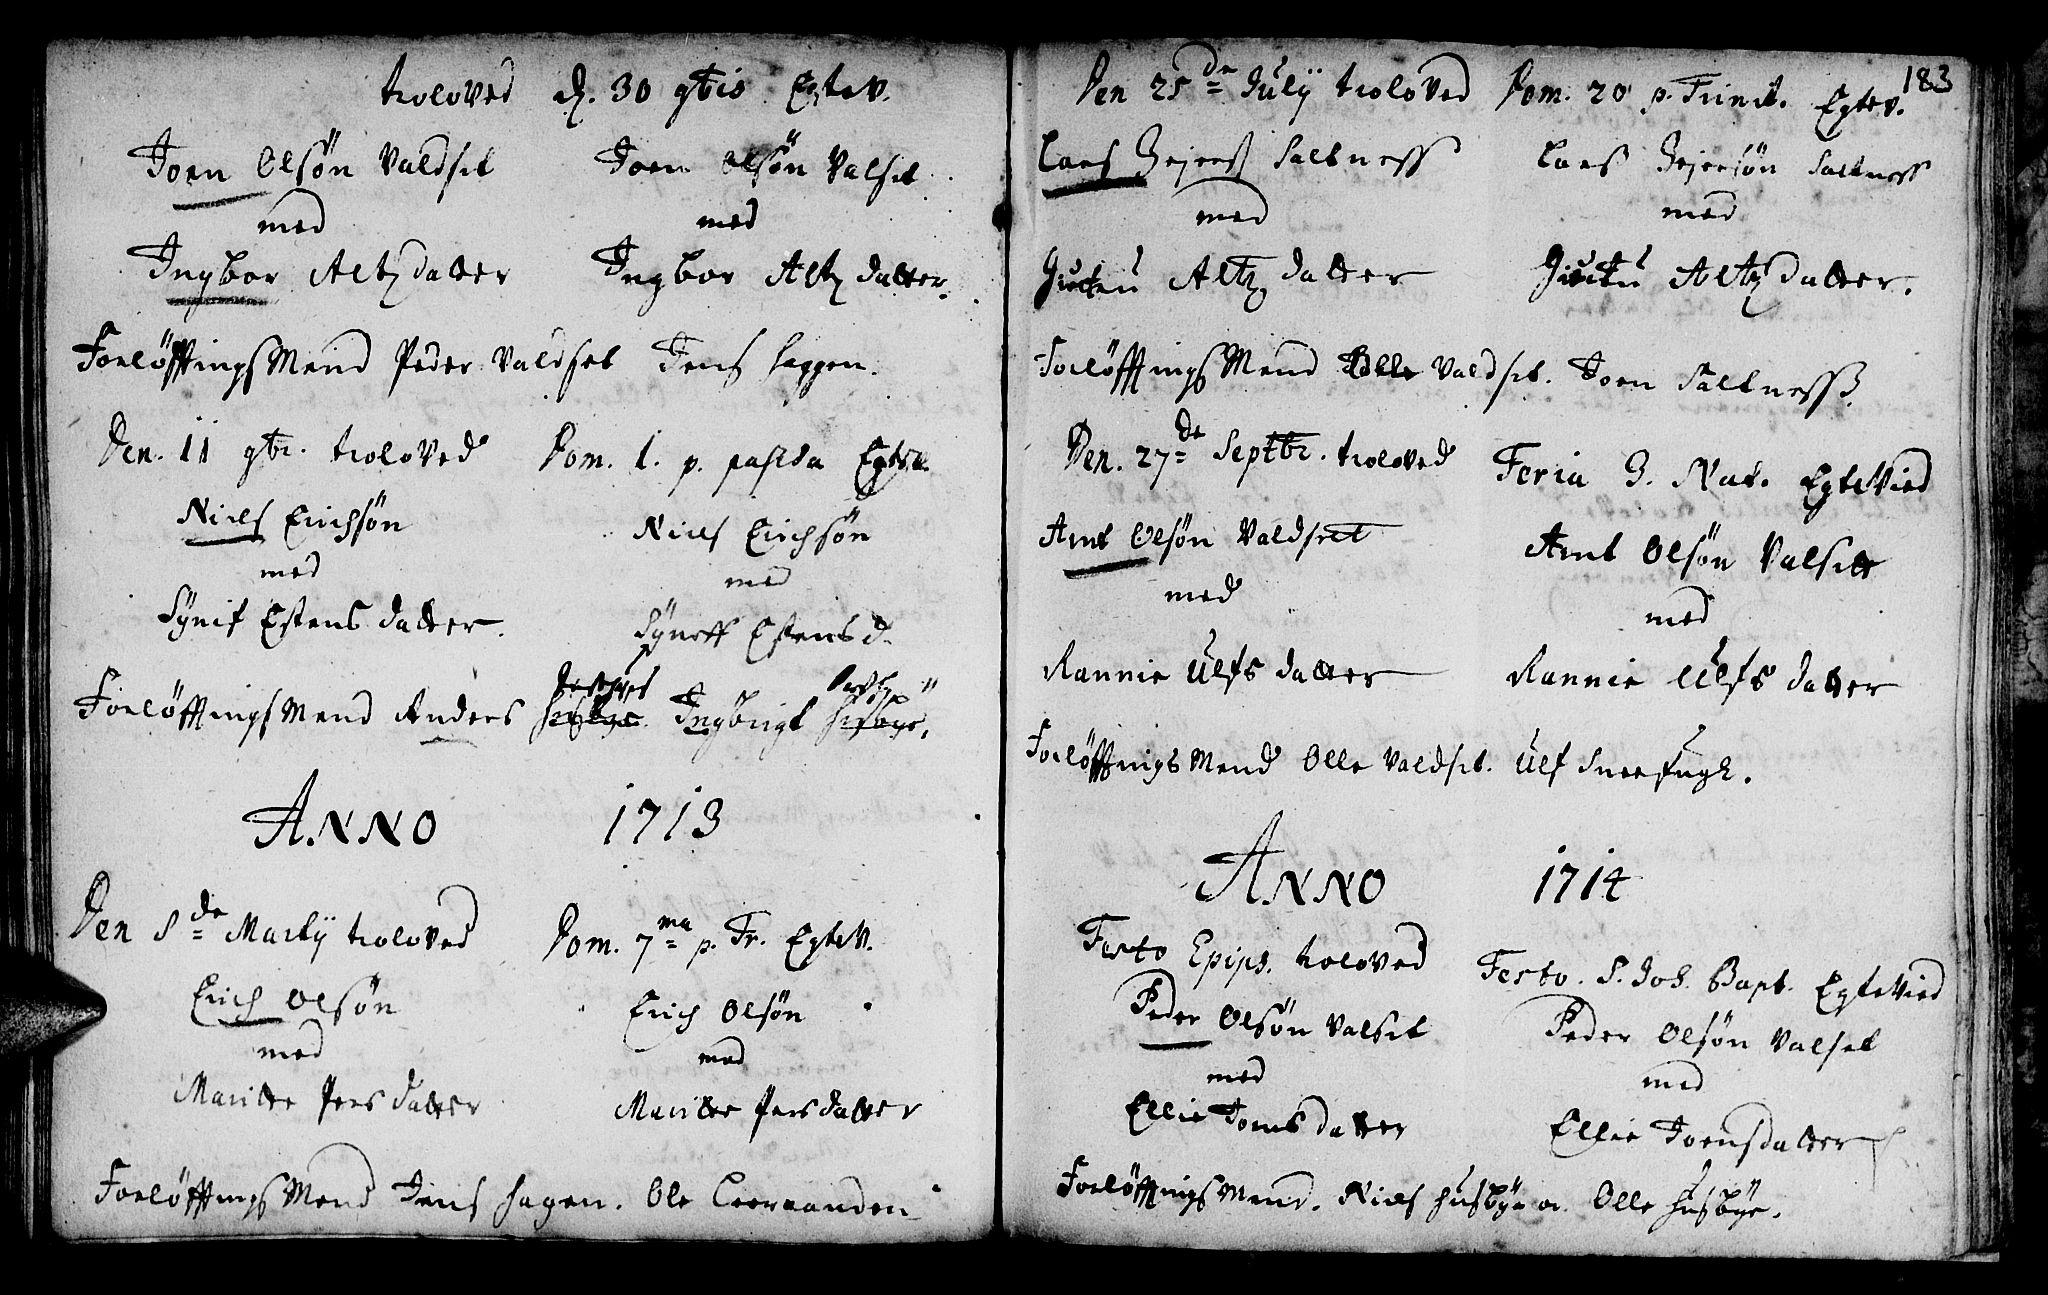 SAT, Ministerialprotokoller, klokkerbøker og fødselsregistre - Sør-Trøndelag, 666/L0783: Ministerialbok nr. 666A01, 1702-1753, s. 183